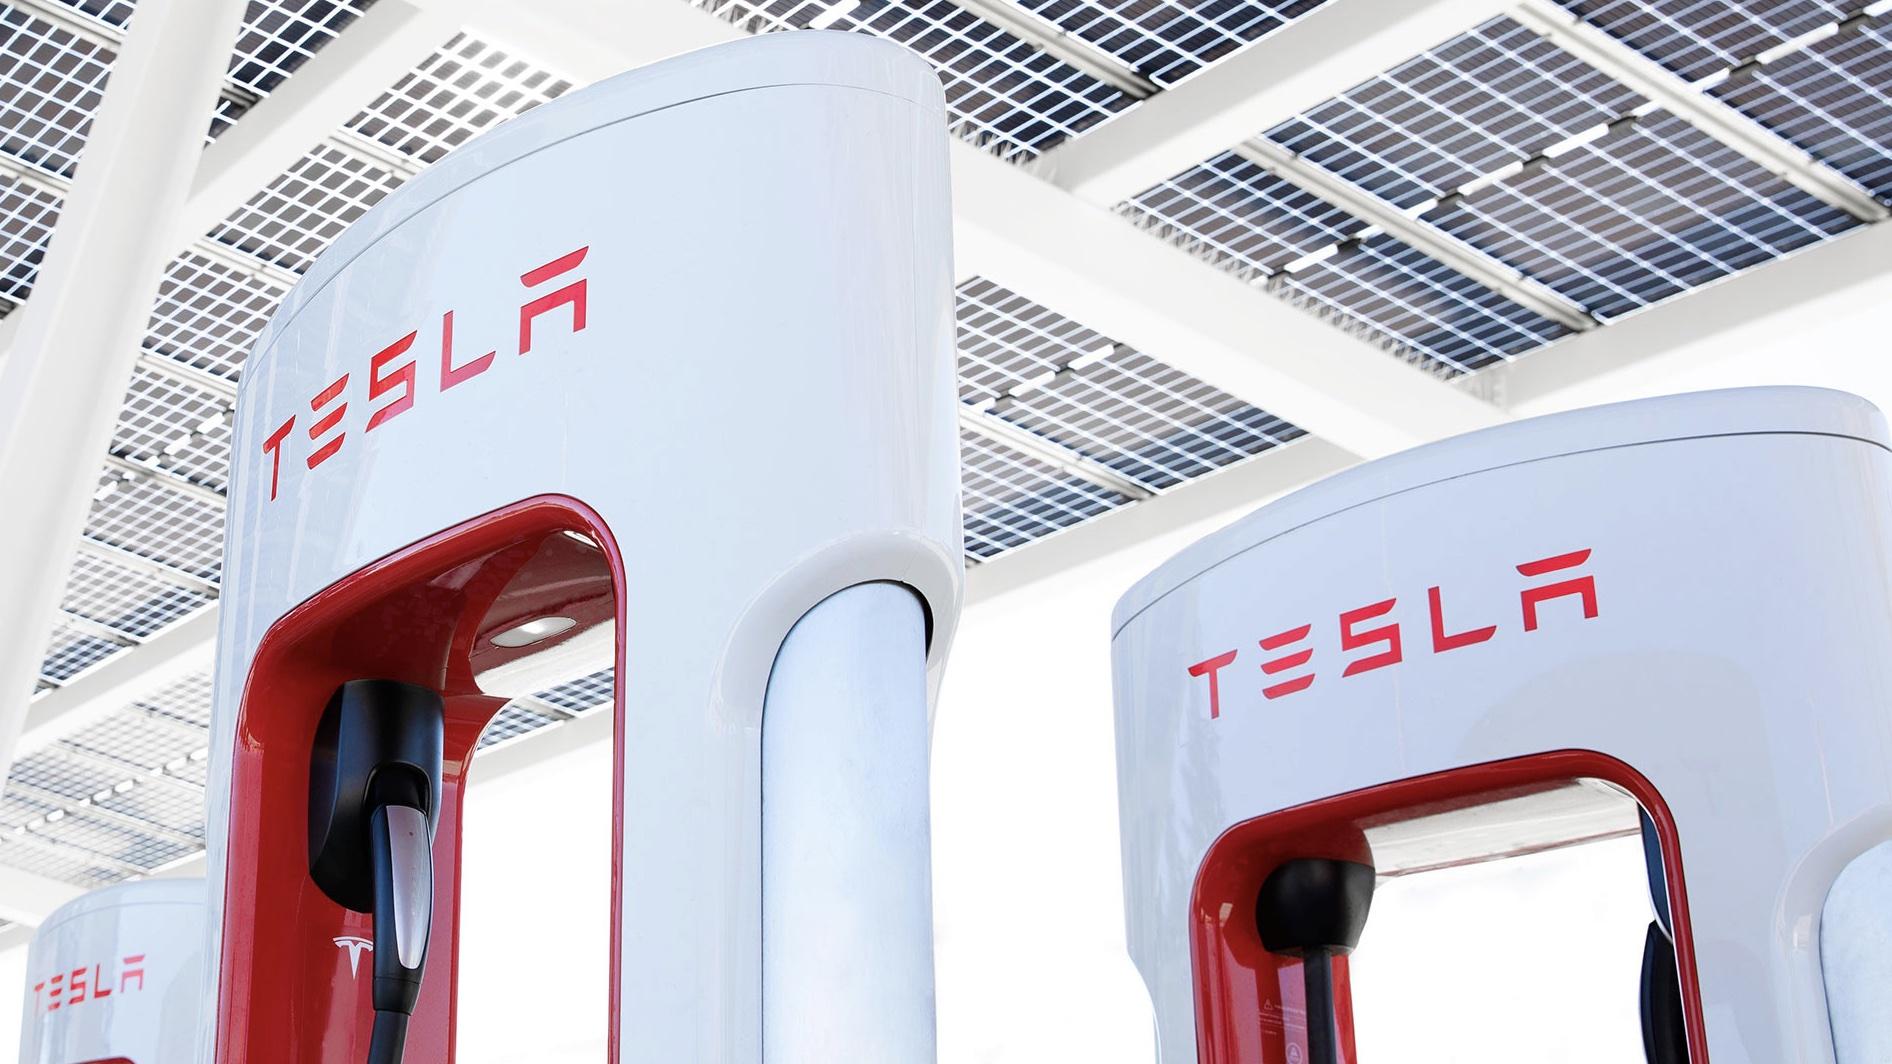 tesla-free-supercharging-for-Europe-after-floods